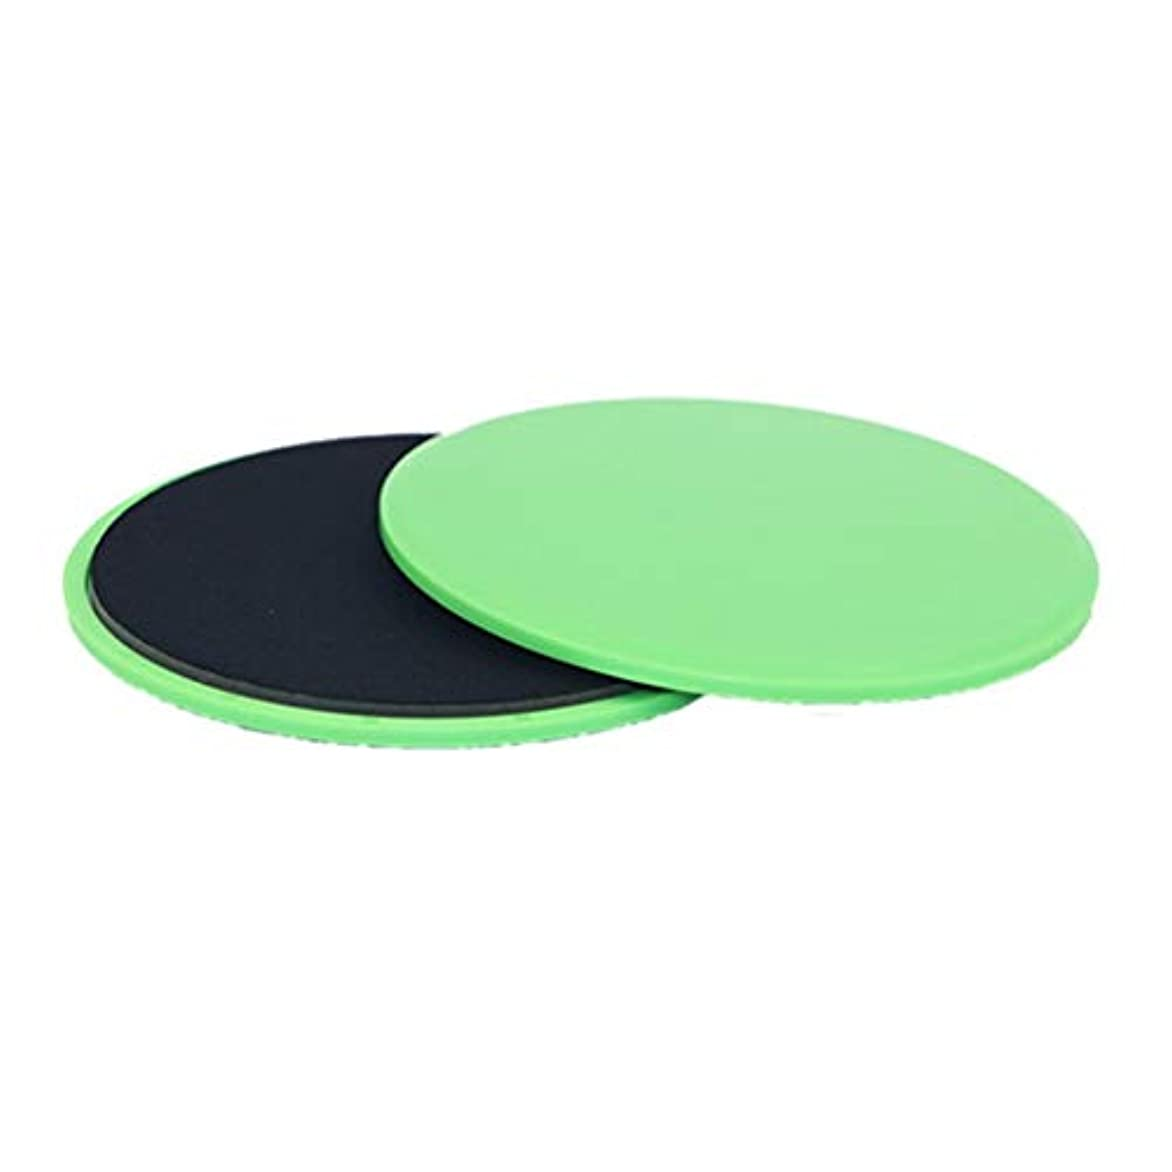 したいバーゲン盆地フィットネススライドグライディングディスクコーディネーション能力フィットネスエクササイズスライダーコアトレーニング用腹部と全身トレーニング - グリーン